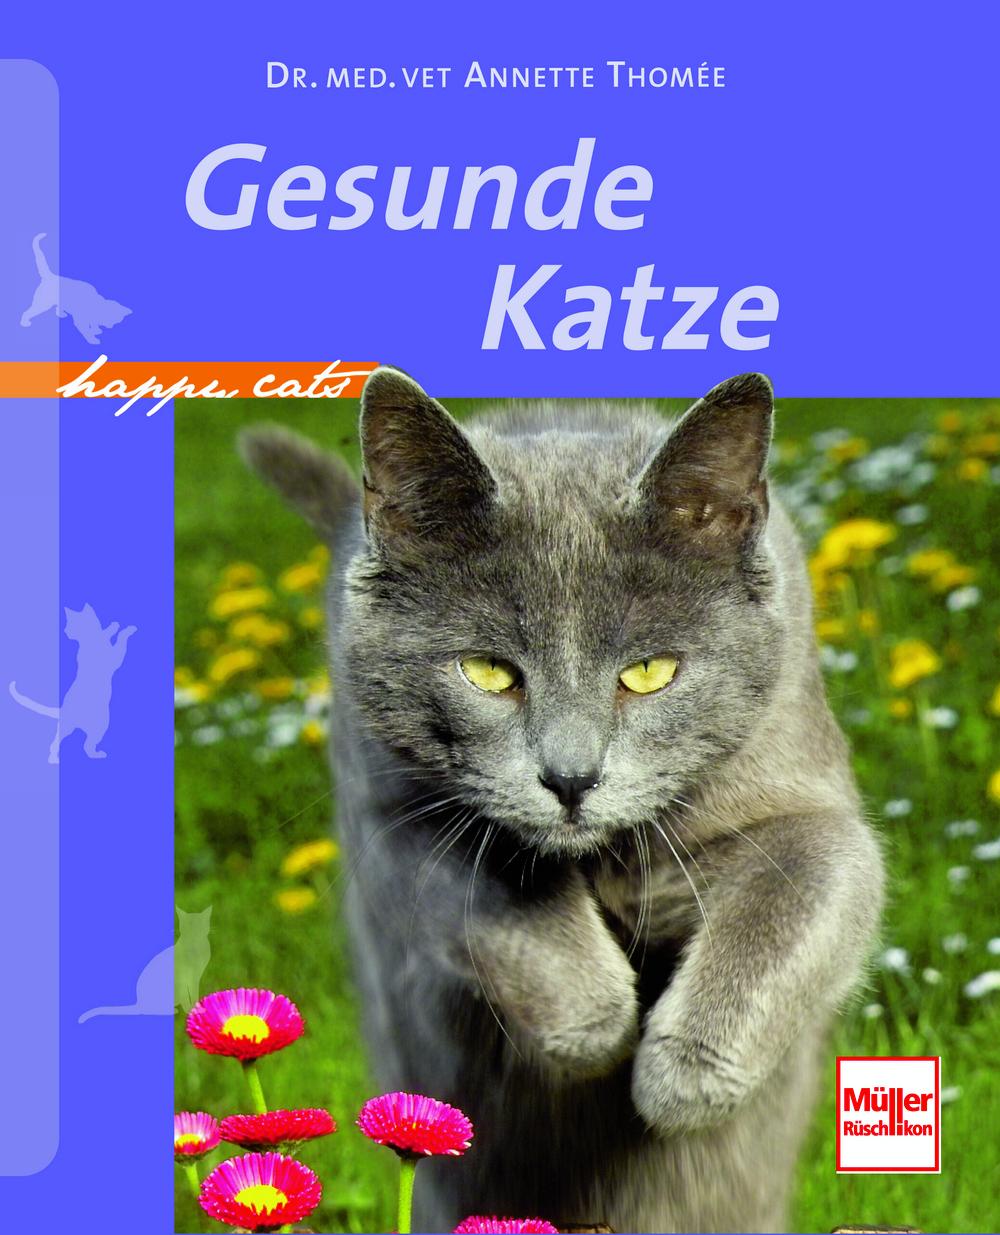 Müller-Rüschlikon - Gesunde Katze